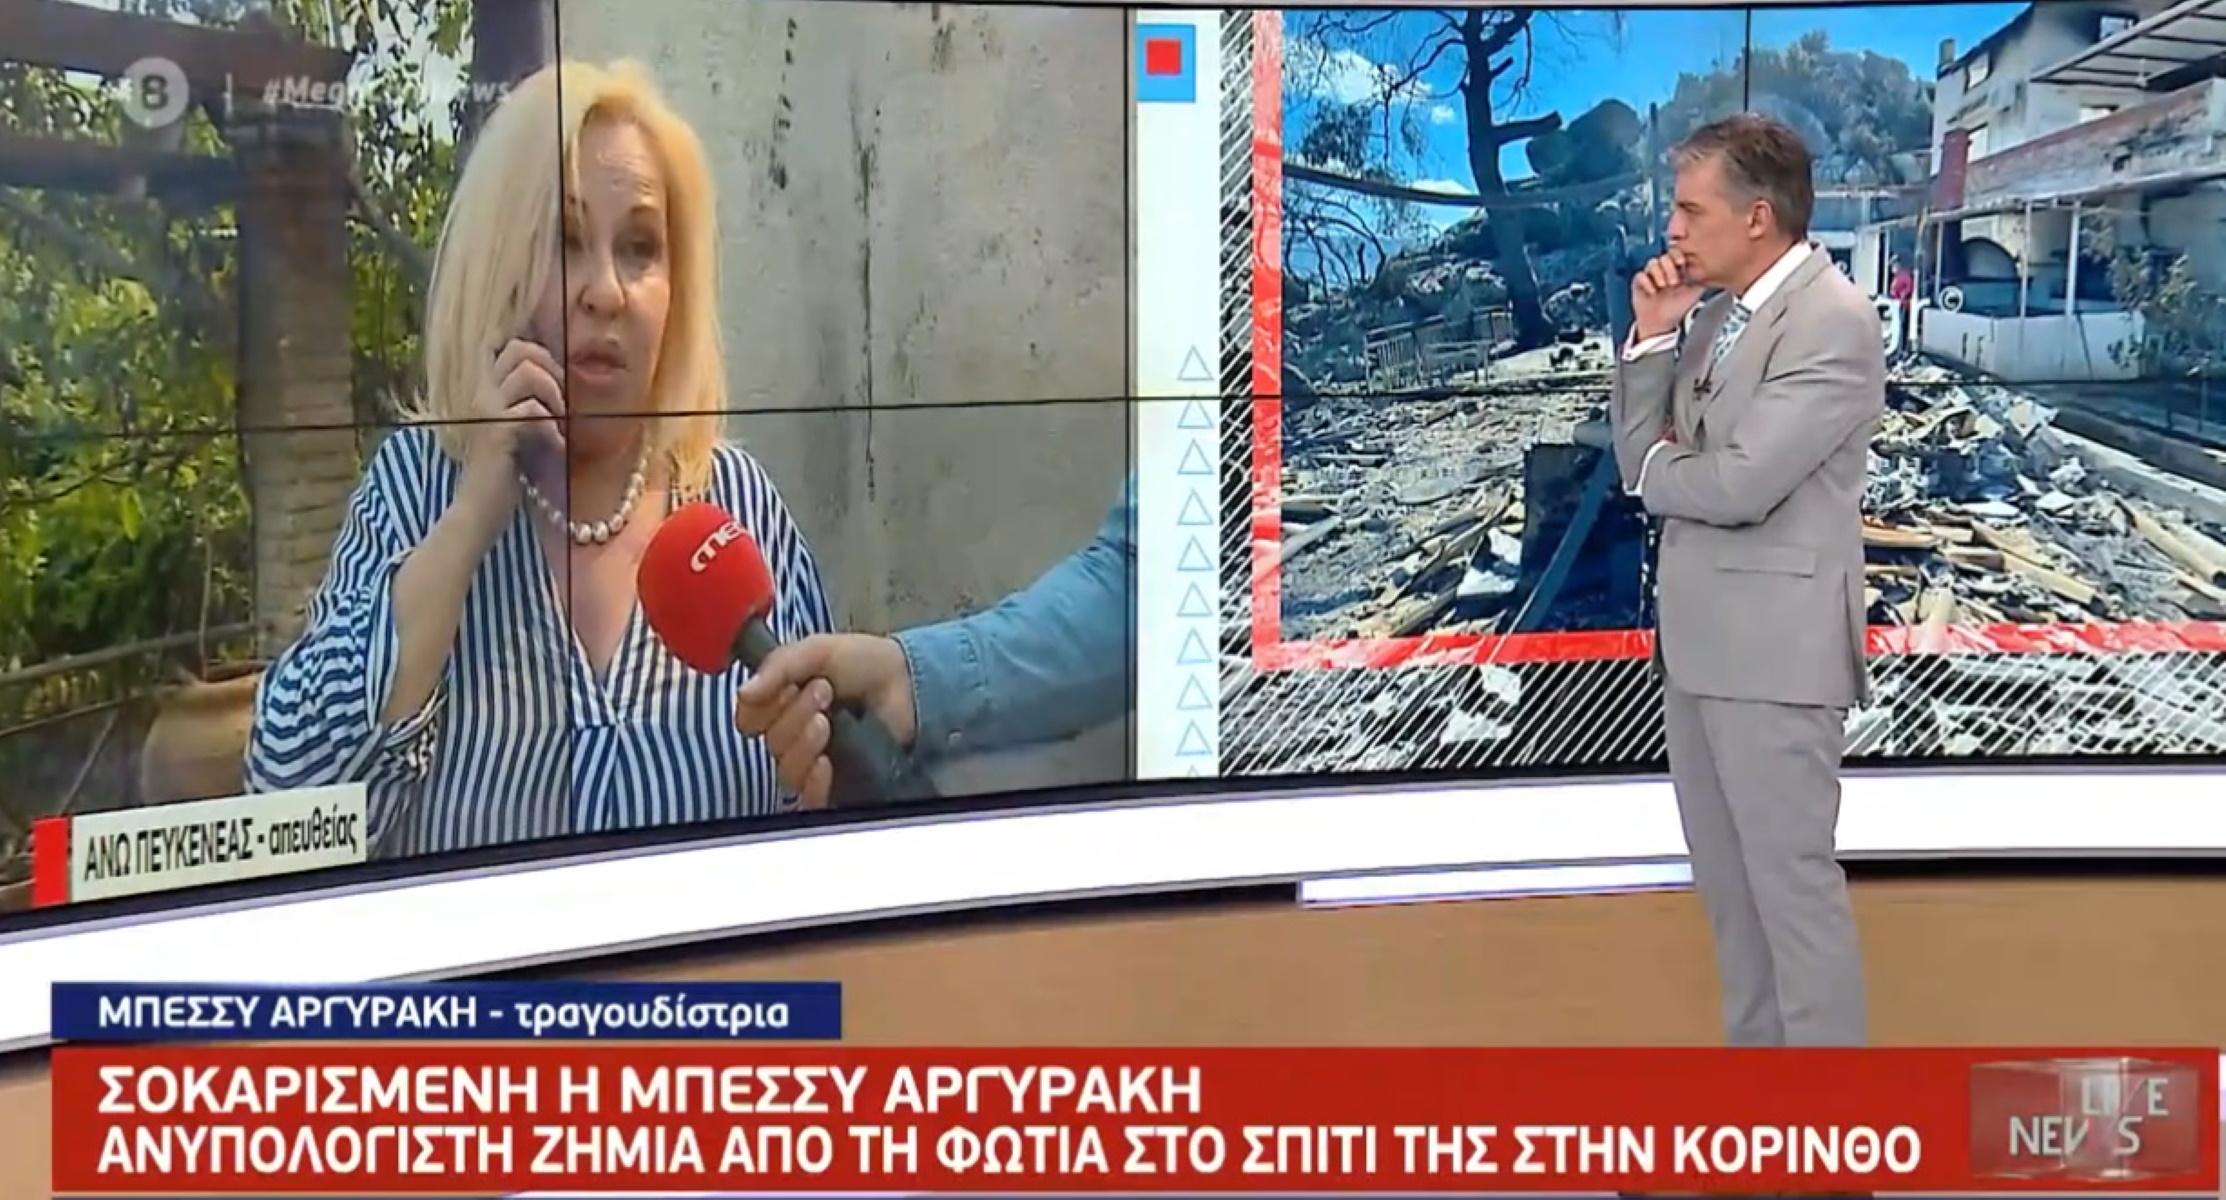 Φωτιά στα Μέγαρα – Μπέσσυ Αργυράκη: Κάηκε ολοσχερώς το σπίτι της